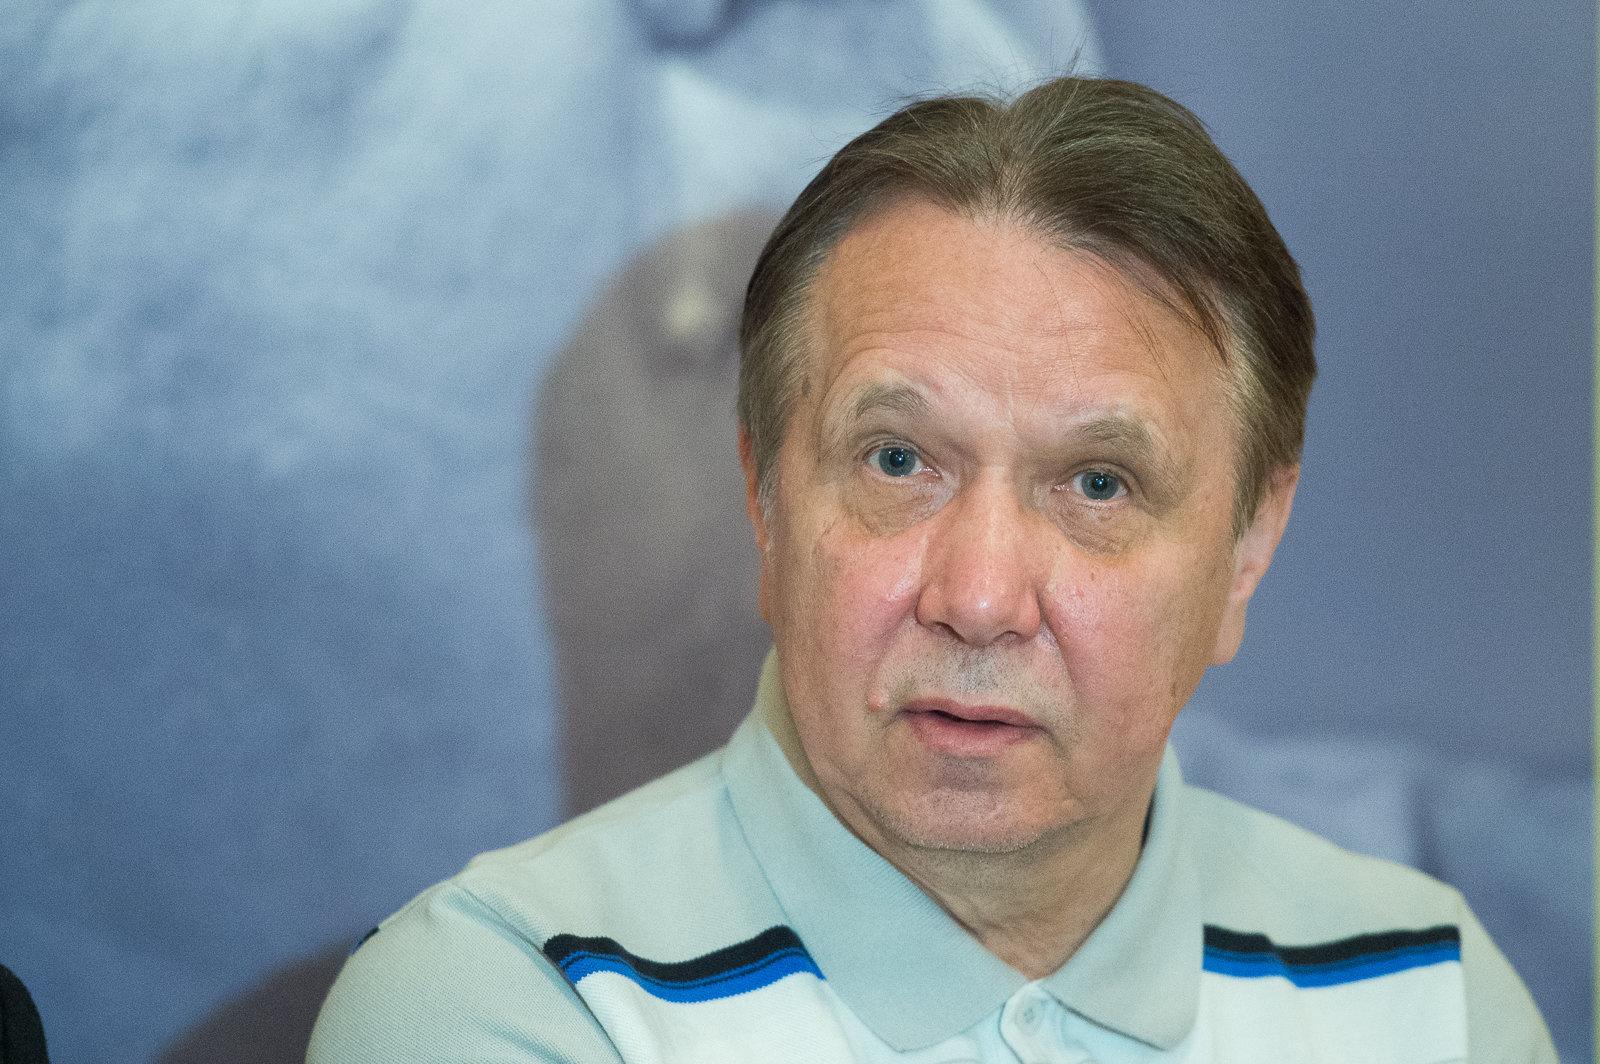 Всемирно известный пианист, лауреат премии Грэмми Михаил Плетнев на брифинге